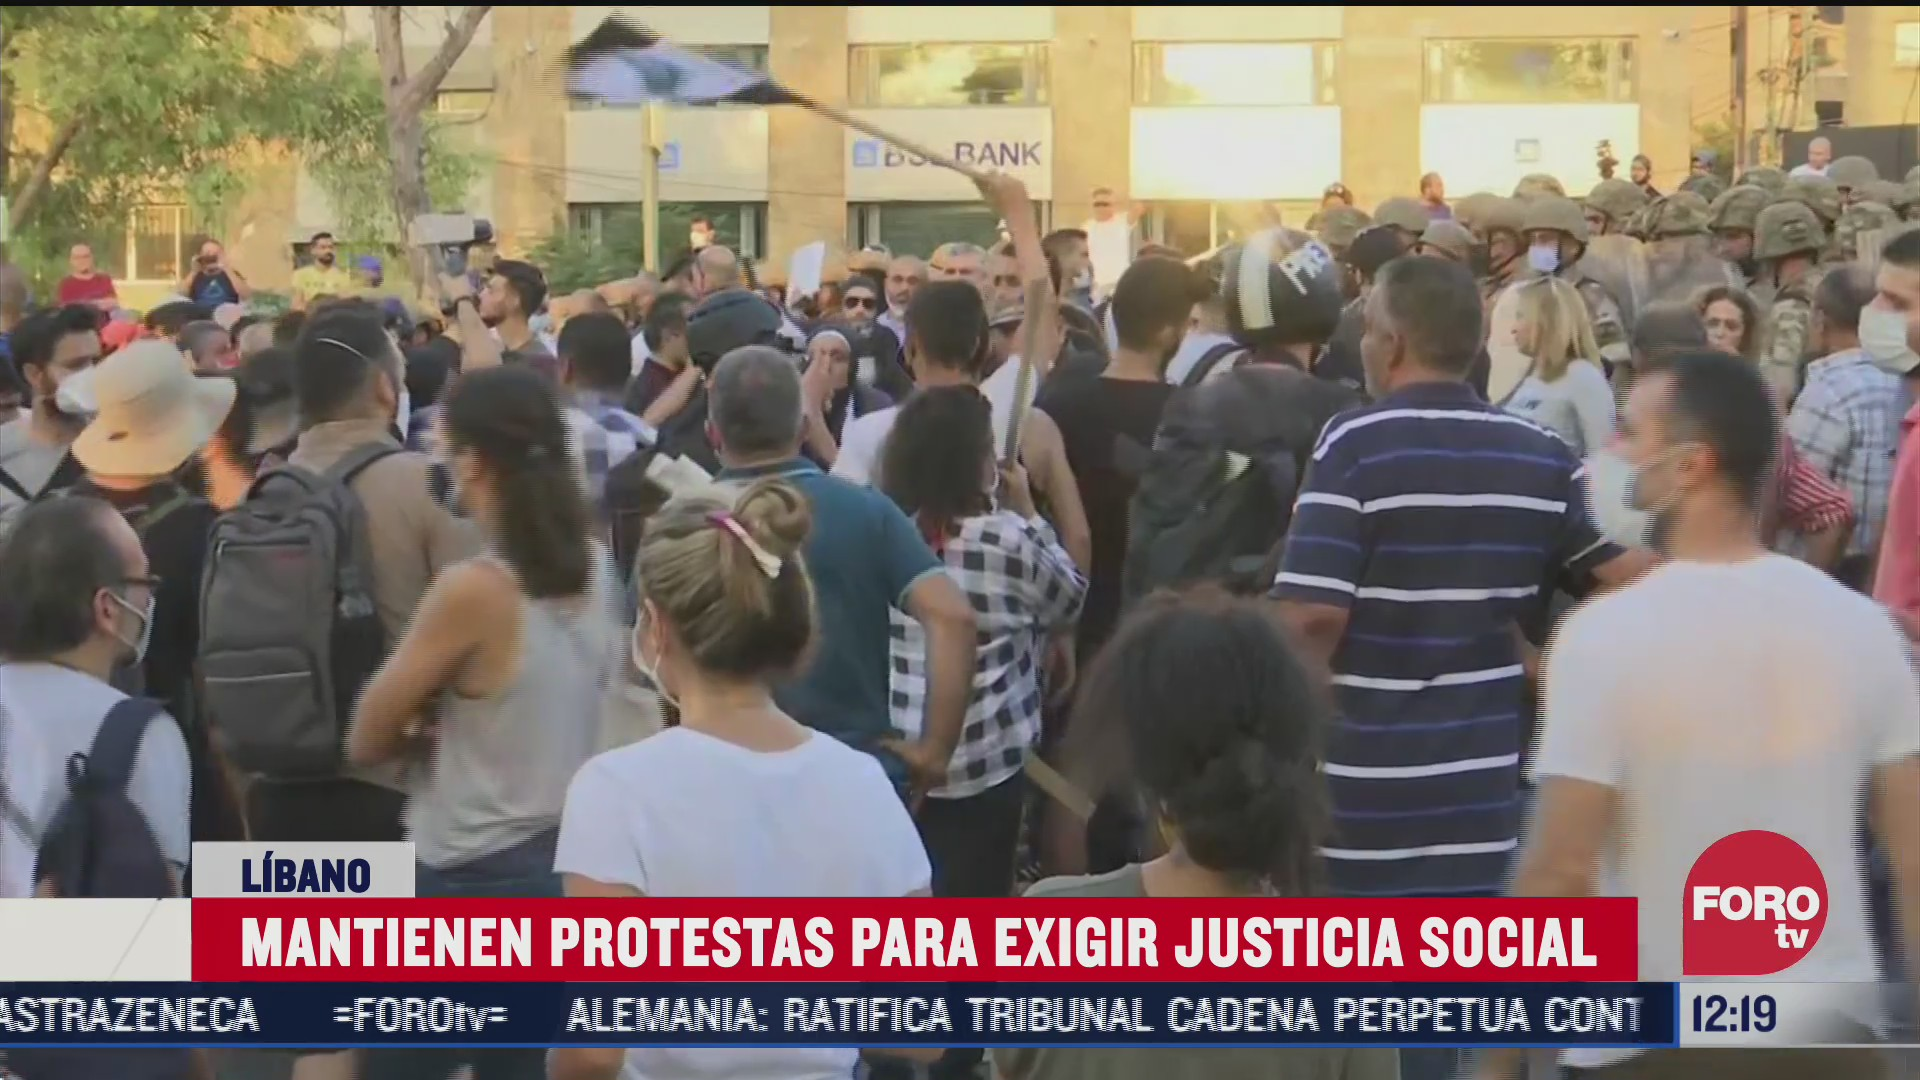 siguen protestas en libano contra el gobierno